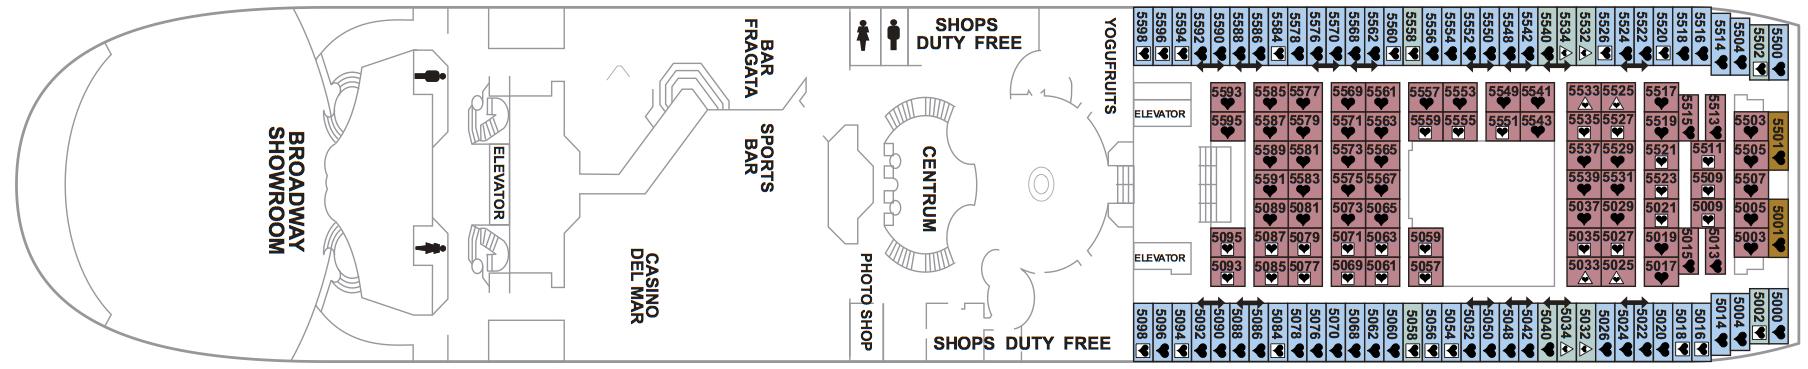 Pullmantur Monarch Deck Plans Deck 5.jpg